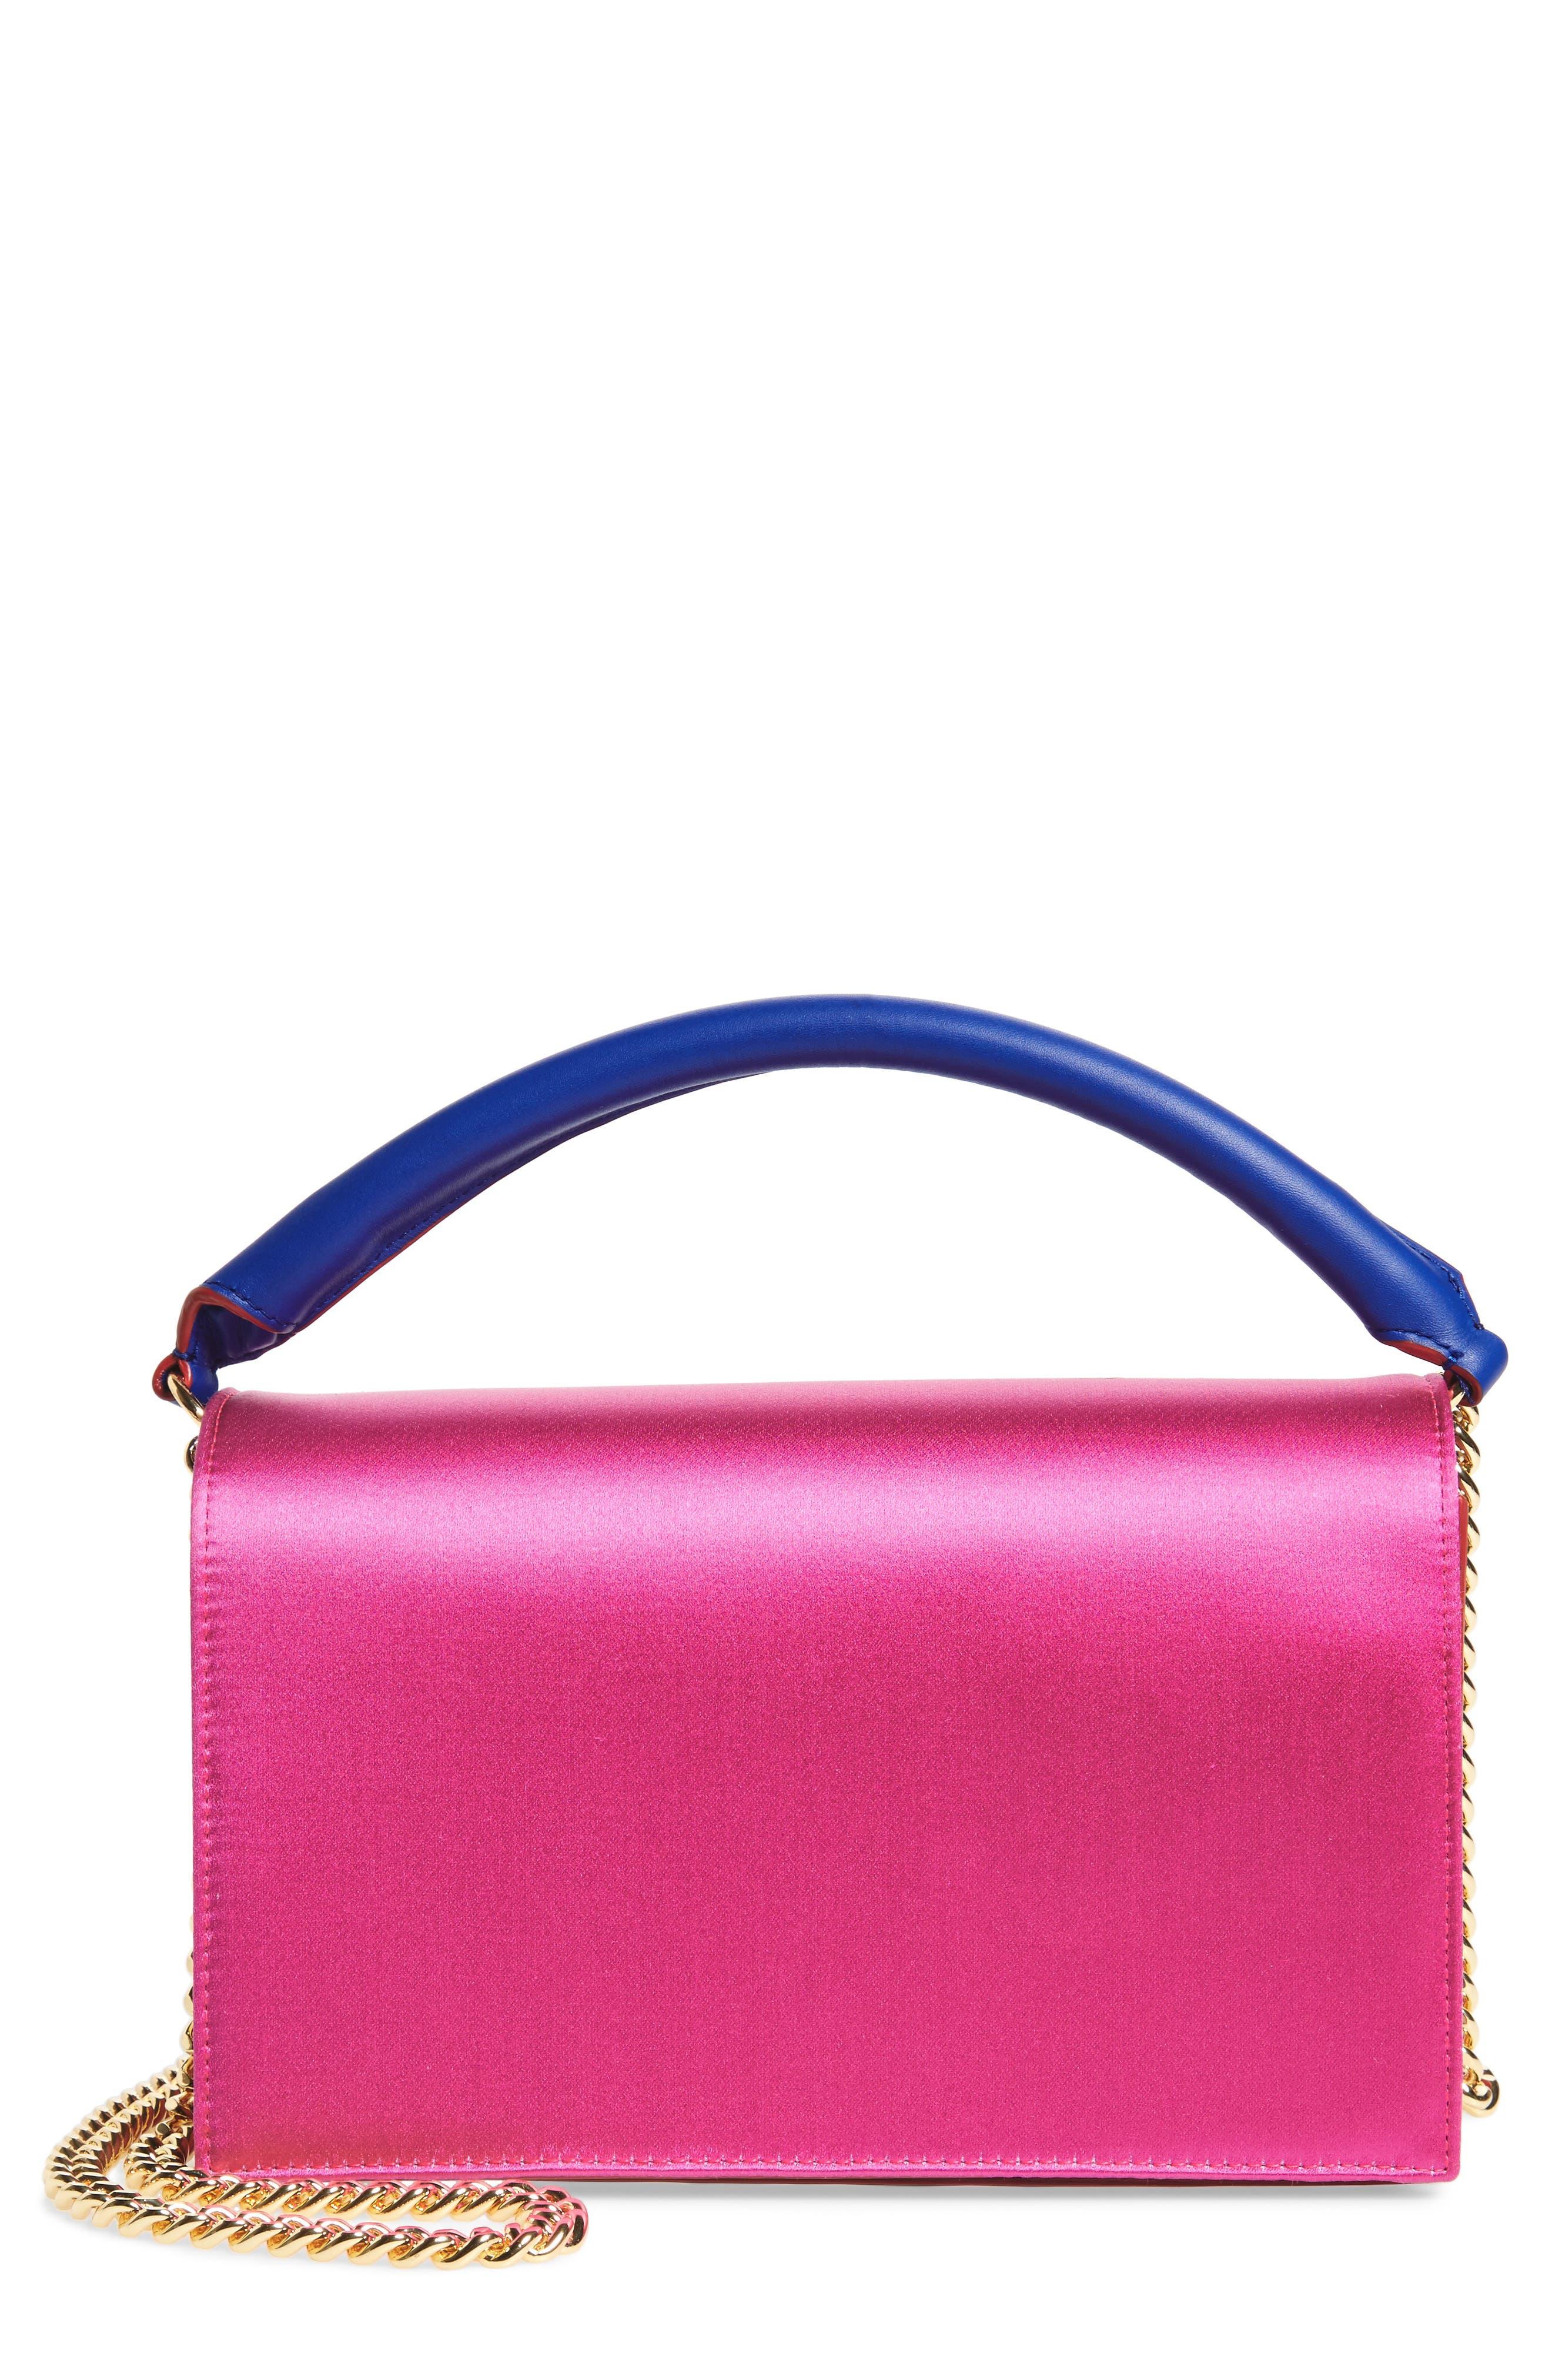 Soirée Satin & Leather Top Handle Bag,                             Main thumbnail 1, color,                             673